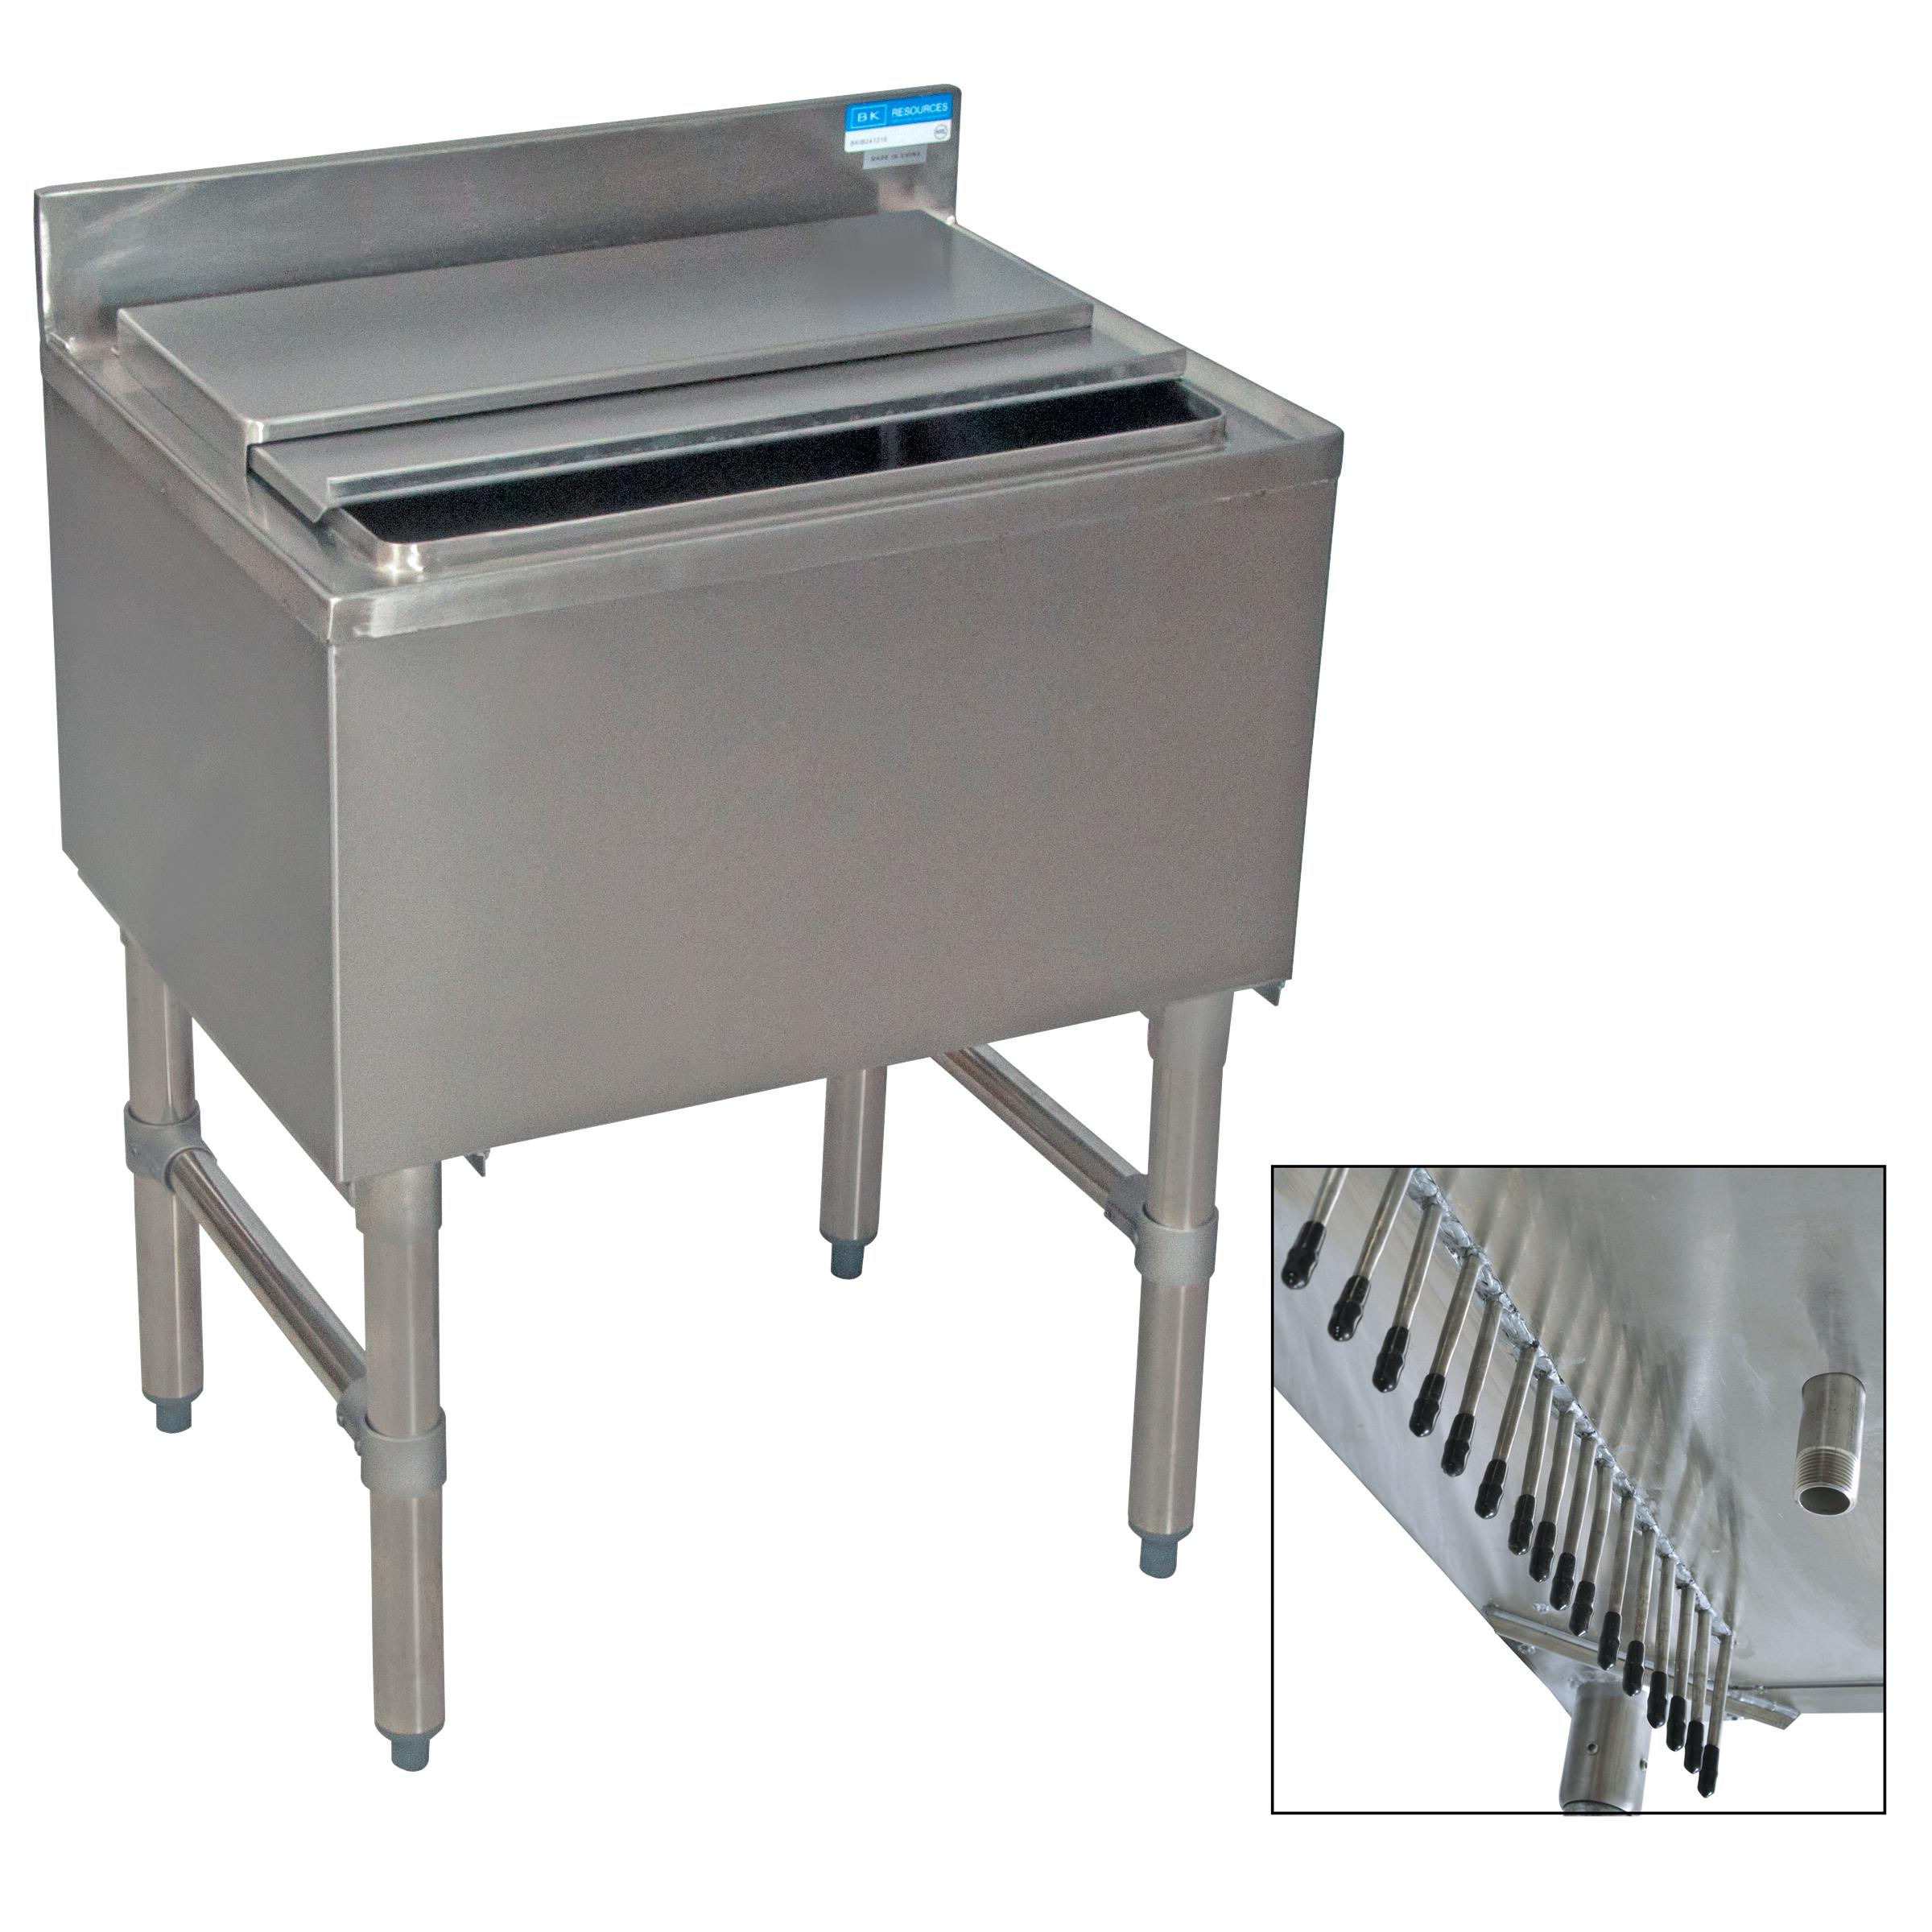 BK Resources BKIB-CP8-2412-21S underbar ice bin/cocktail unit